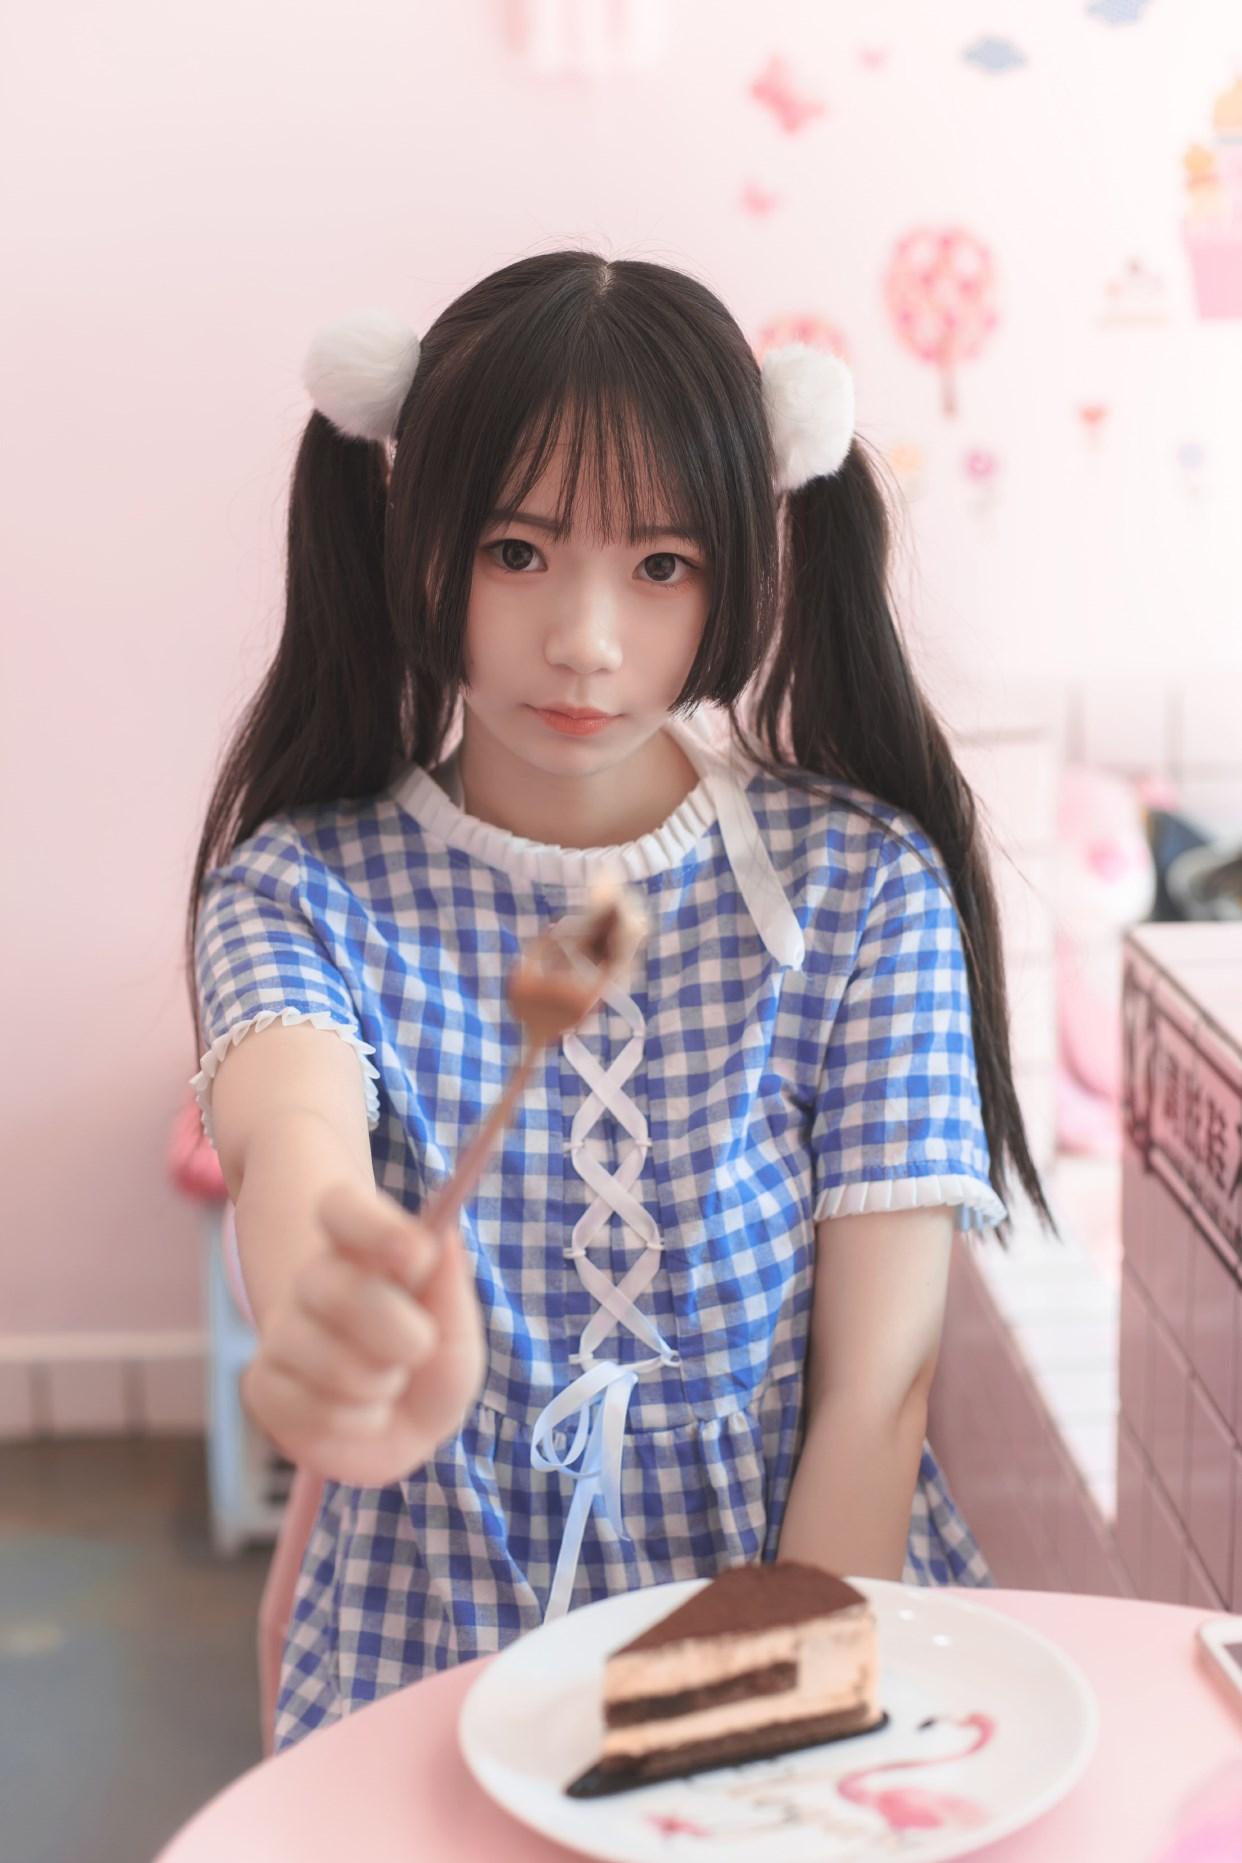 【兔玩映画】粉色的小萝莉 兔玩映画 第37张